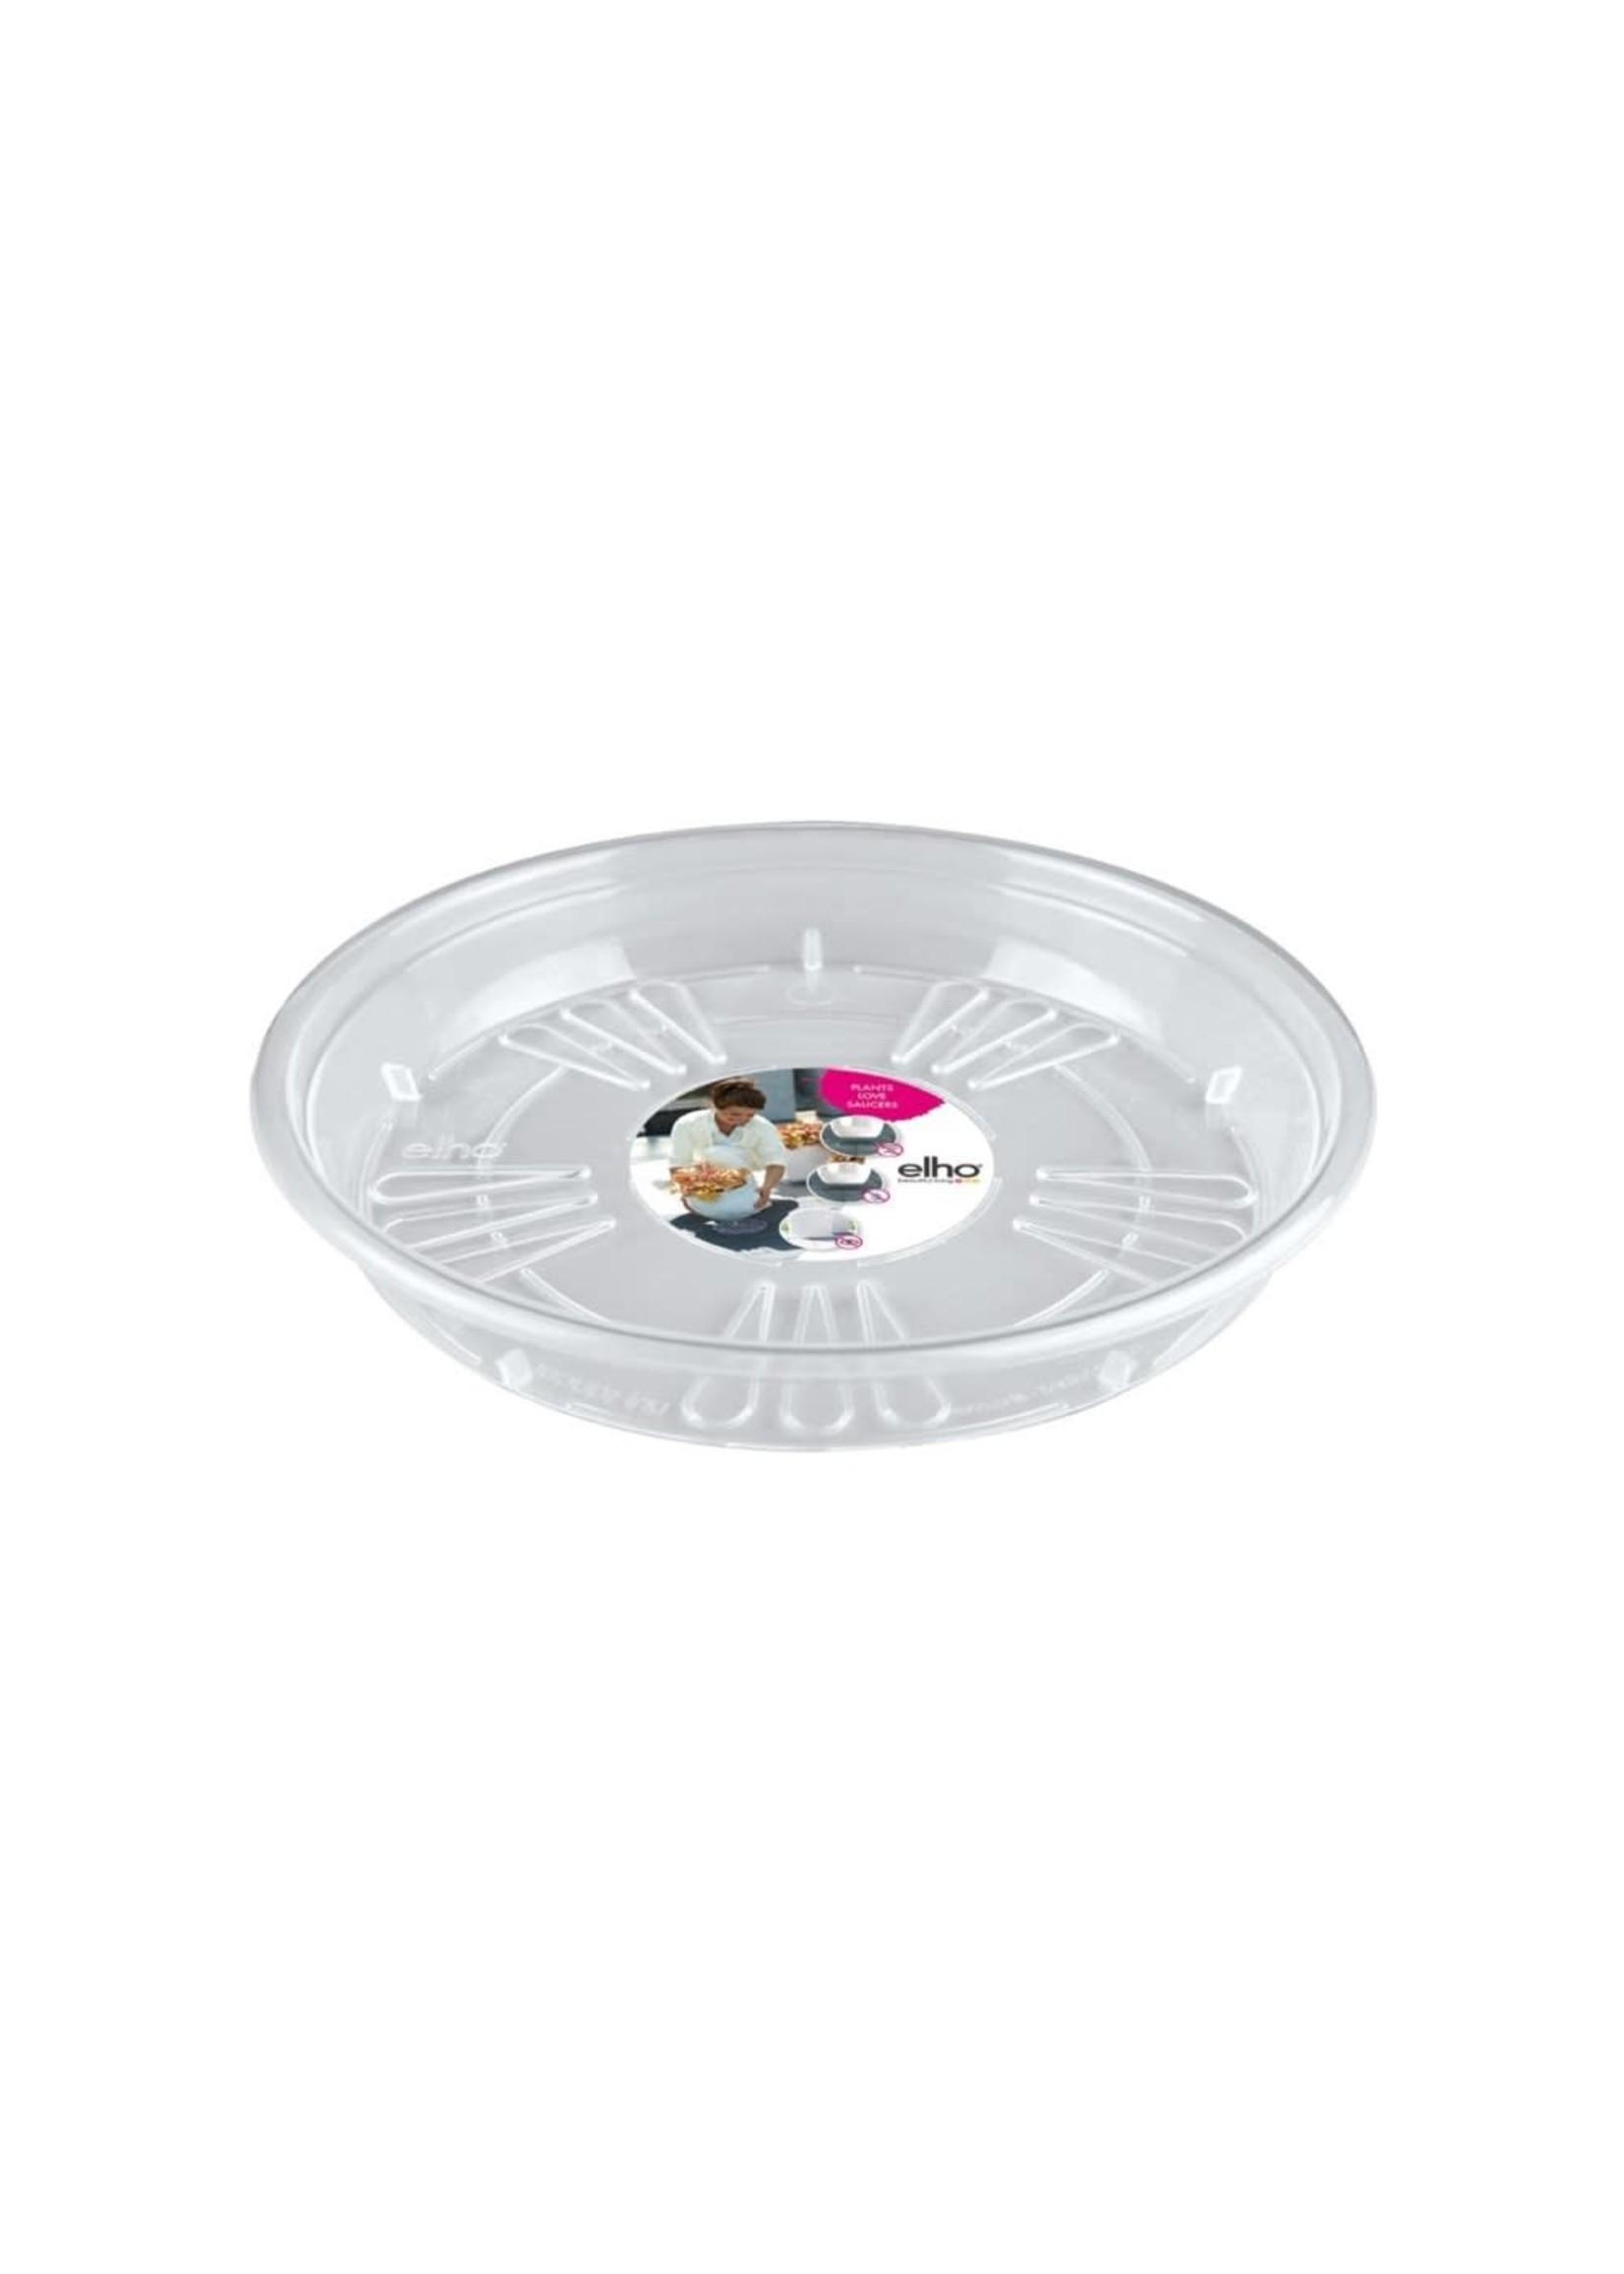 Elho Universal Saucer 18cm transparent